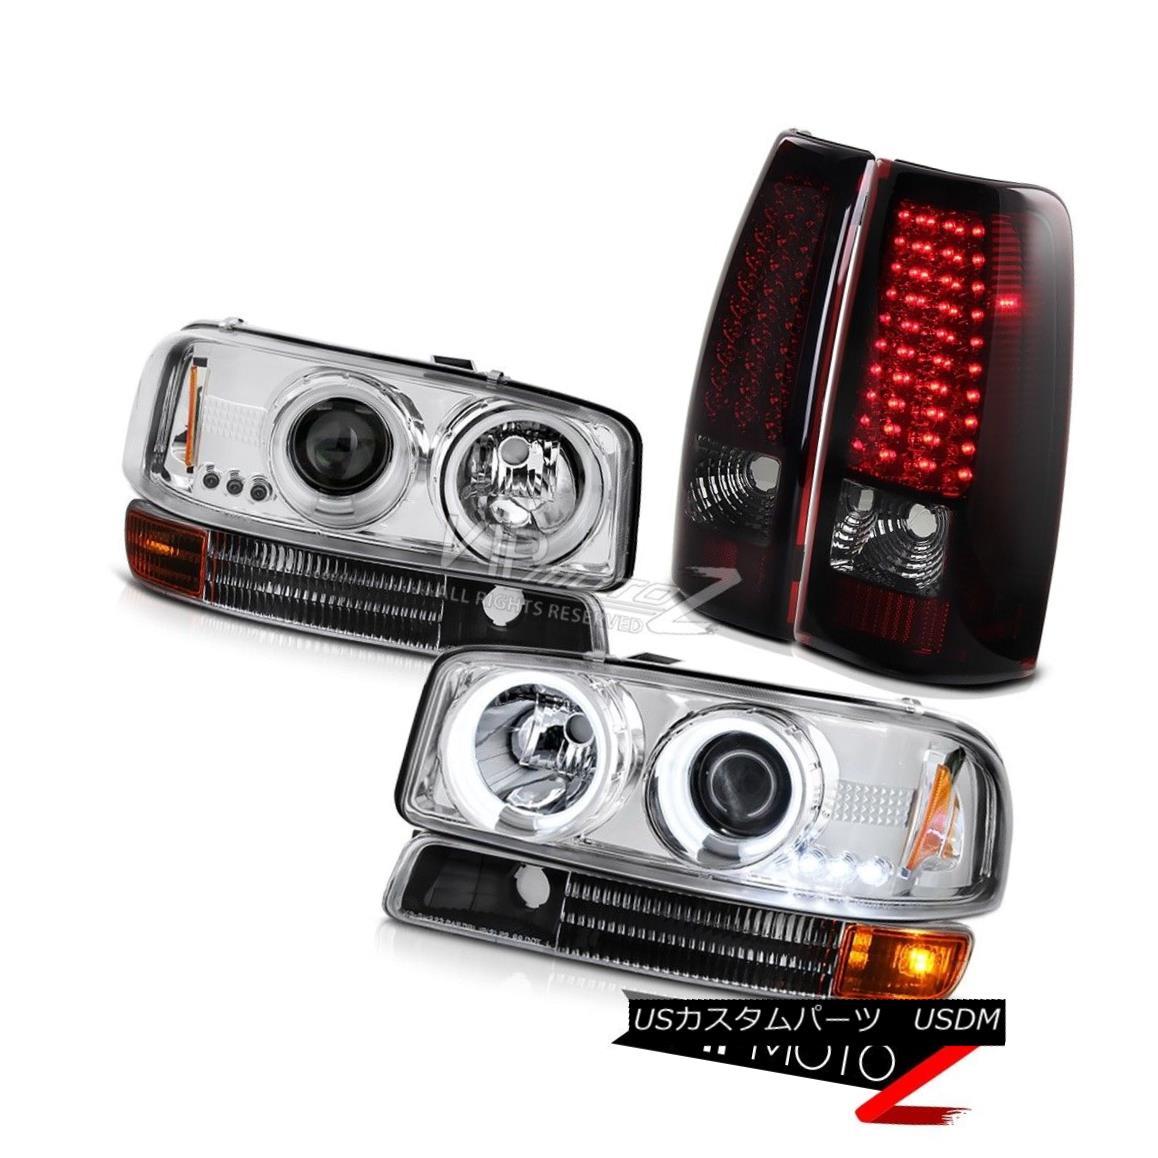 ヘッドライト 1999 2000 2001 2002 2003 Sierra 6.0L CCFL Halo Headlight Dark RED LED Tail Light 1999 2000 2001 2002 2003シエラ6.0L CCFLハローヘッドライトダークレッドLEDテールライト